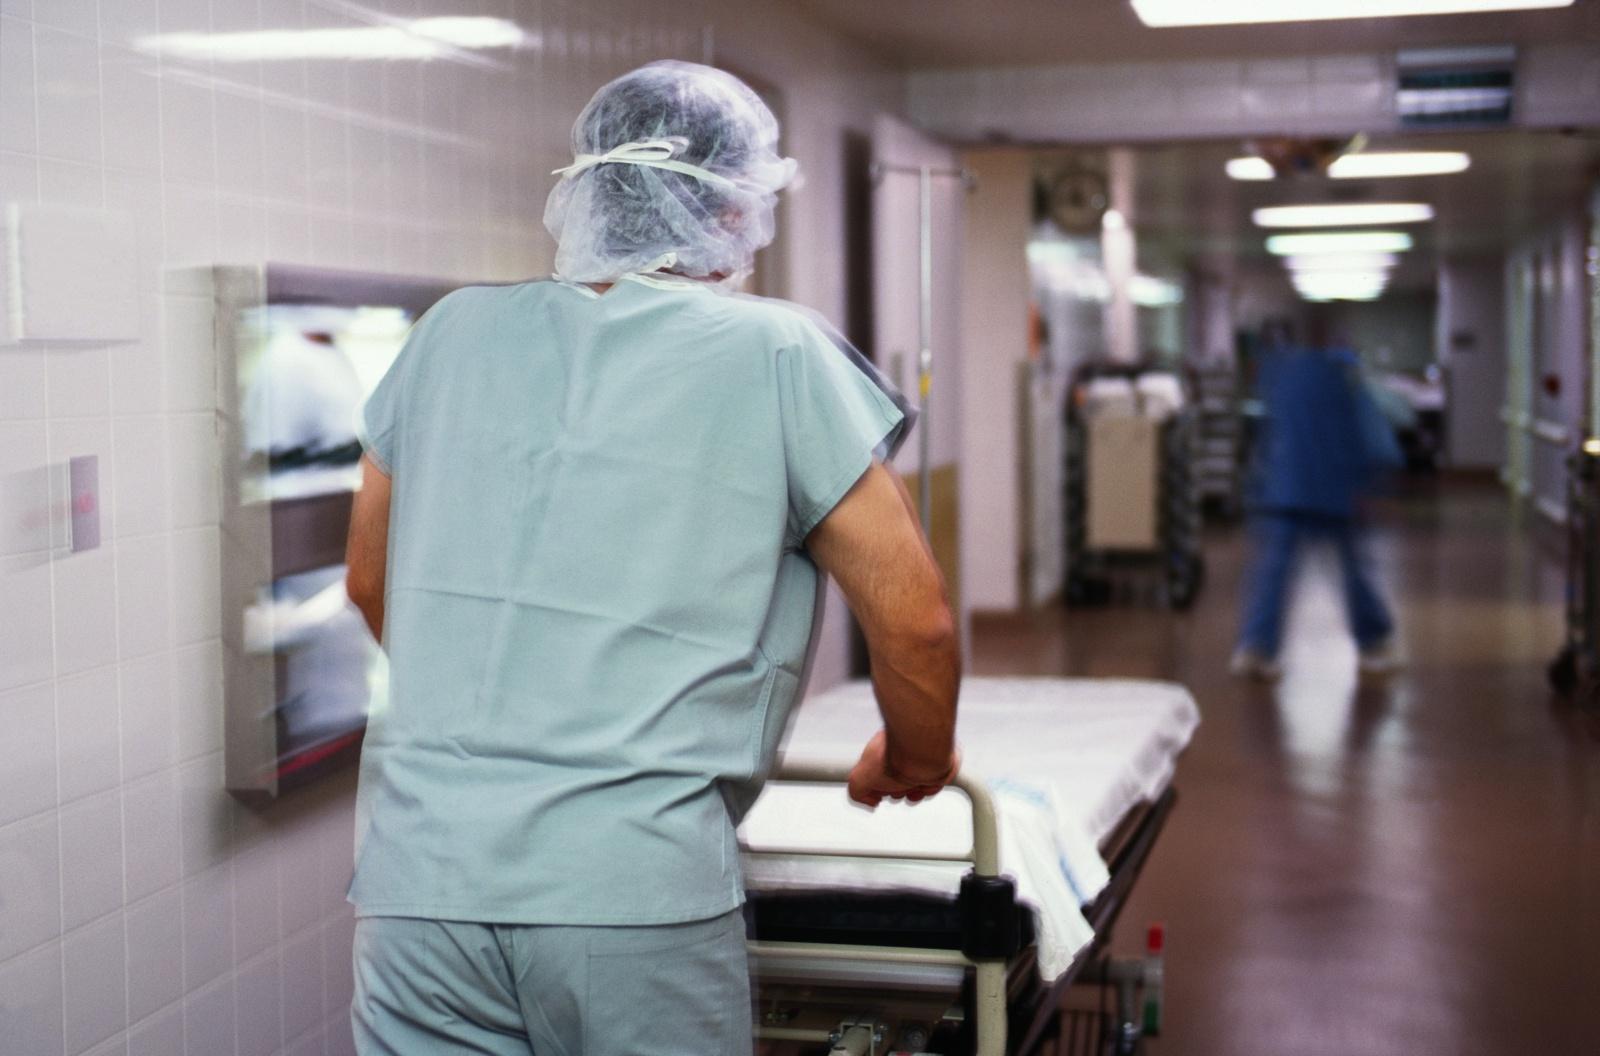 Московский ФОМС прекратил оплату плановой медпомощи пациентам из других регионов